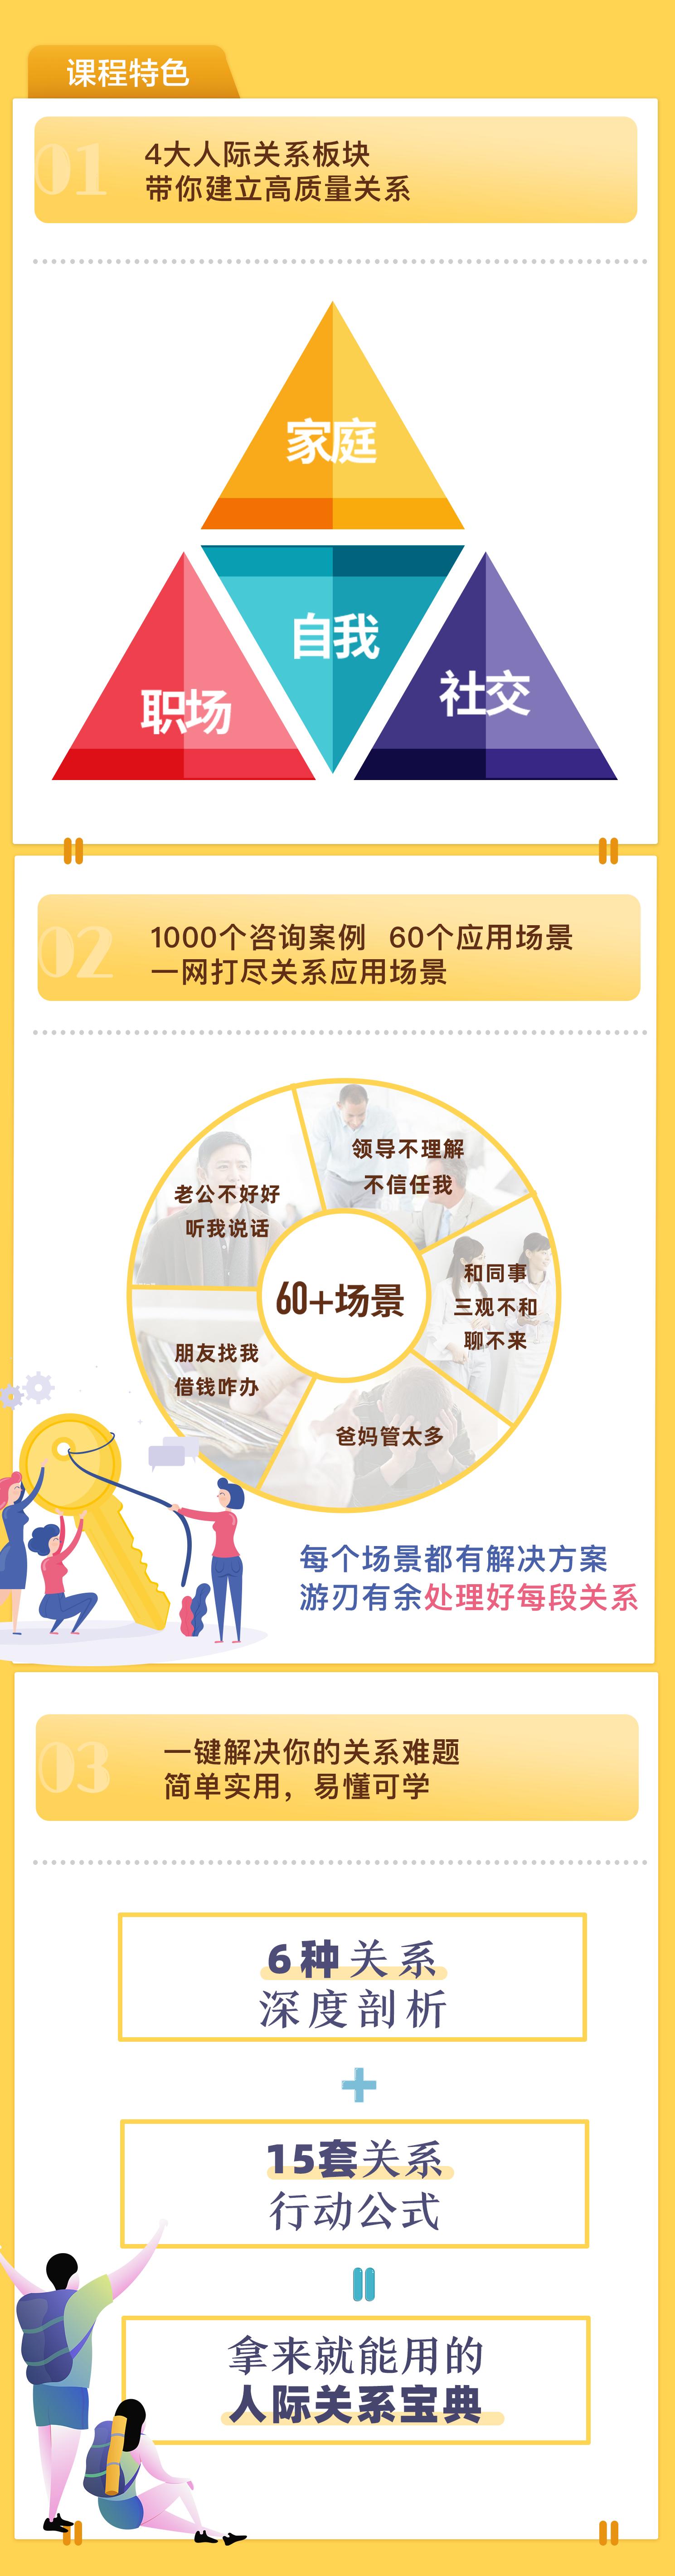 关系课详情页02 迭代版.jpg